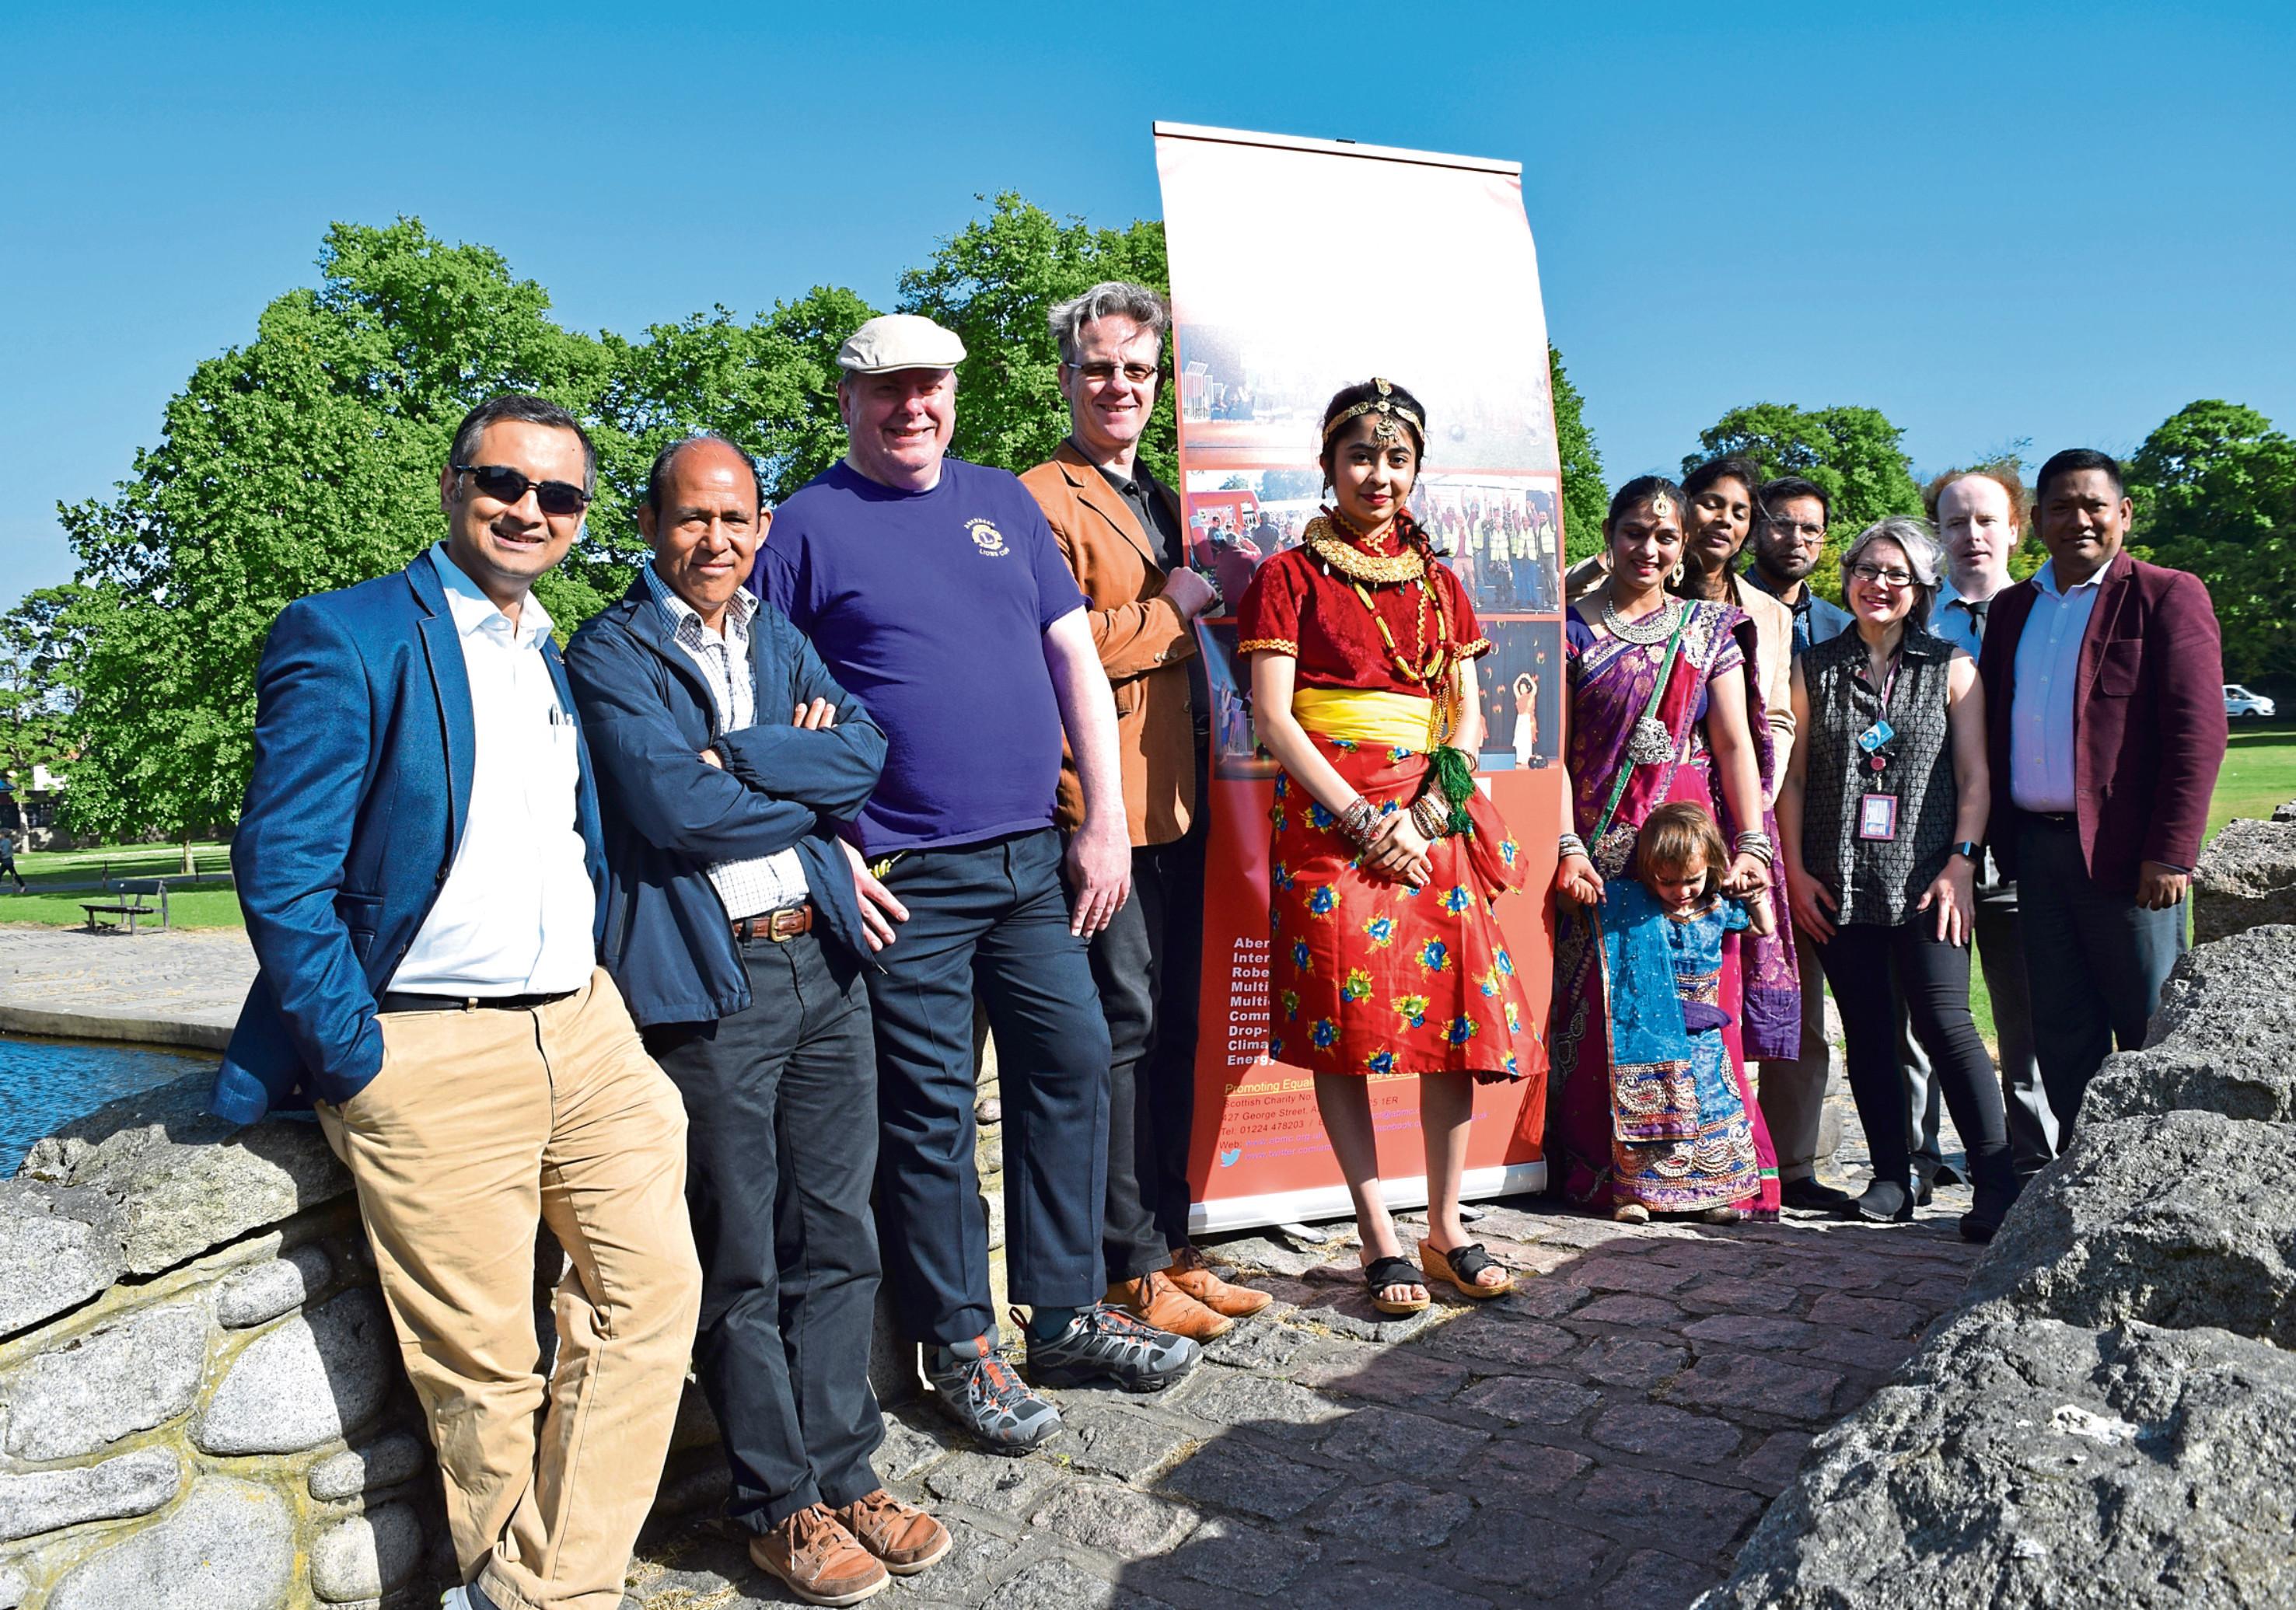 The Mela Festival's organisers